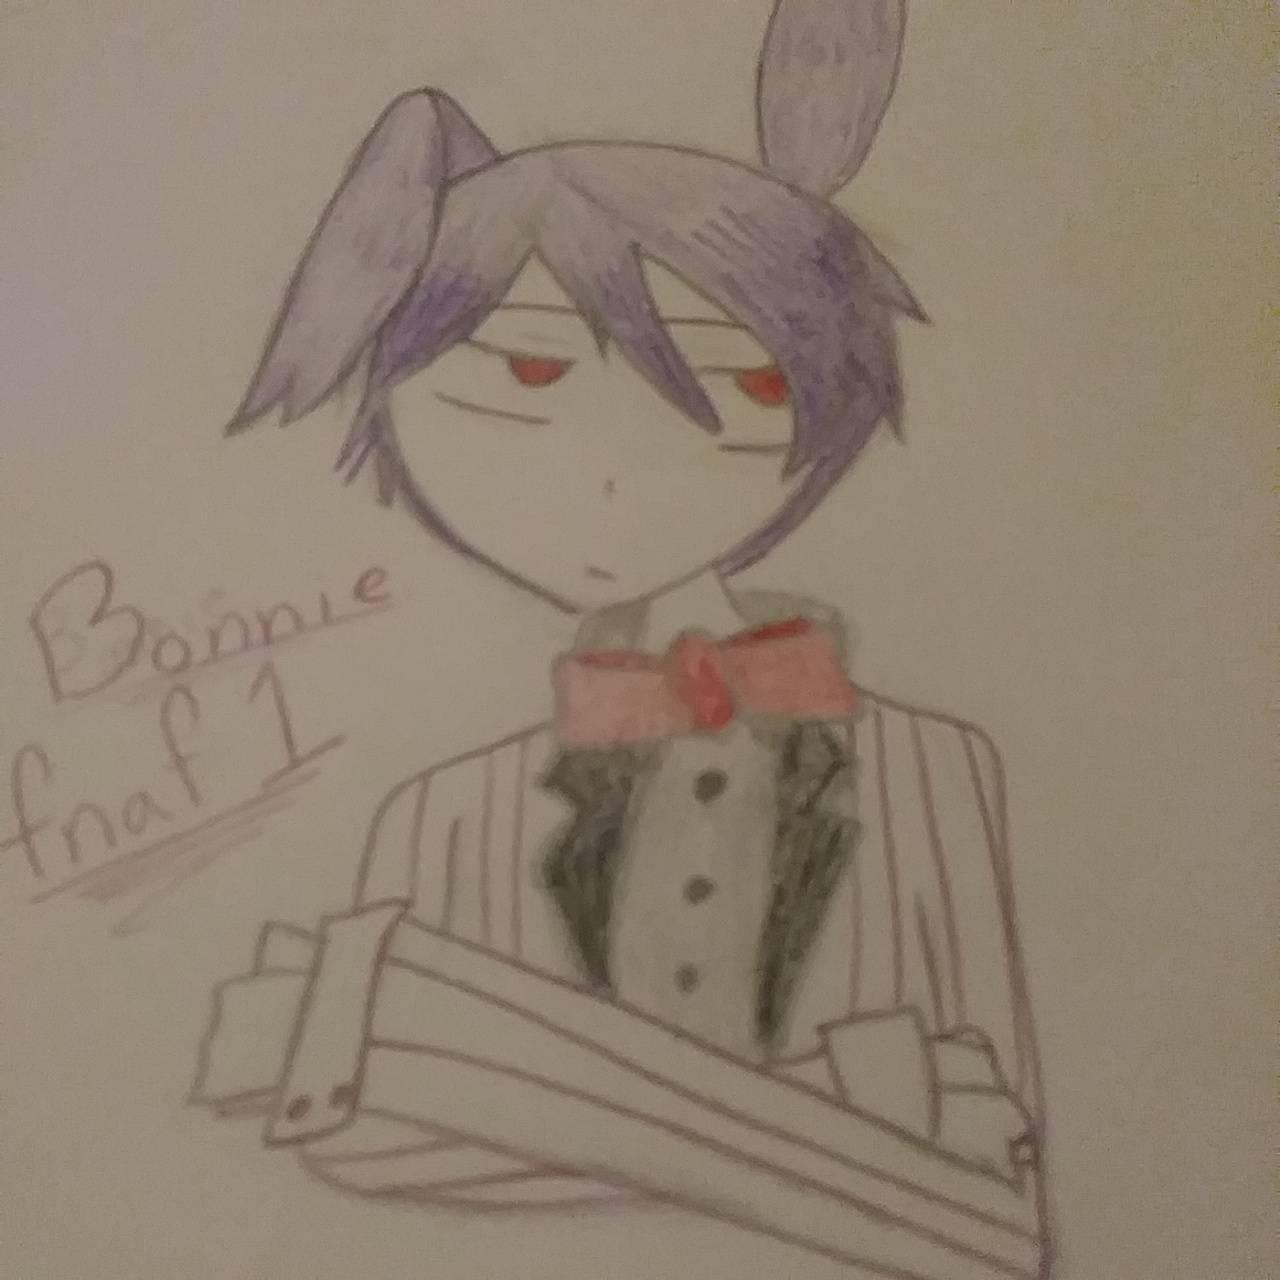 Bonnie fnaf 1